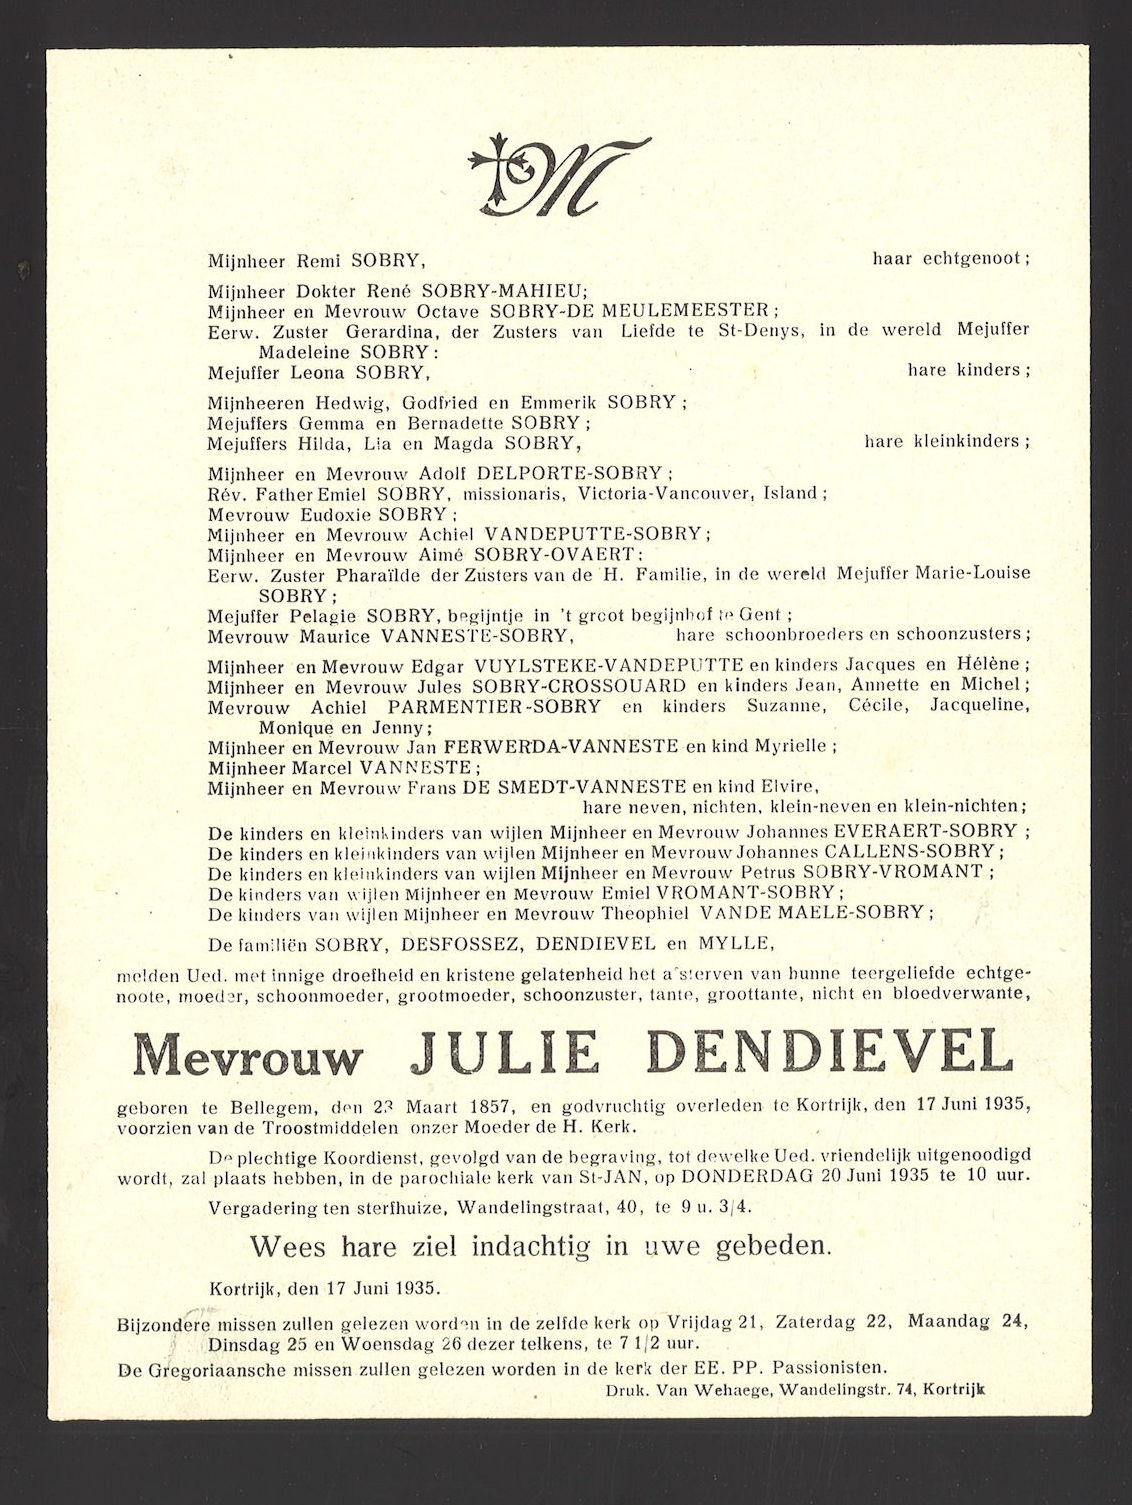 Julie Dendievel